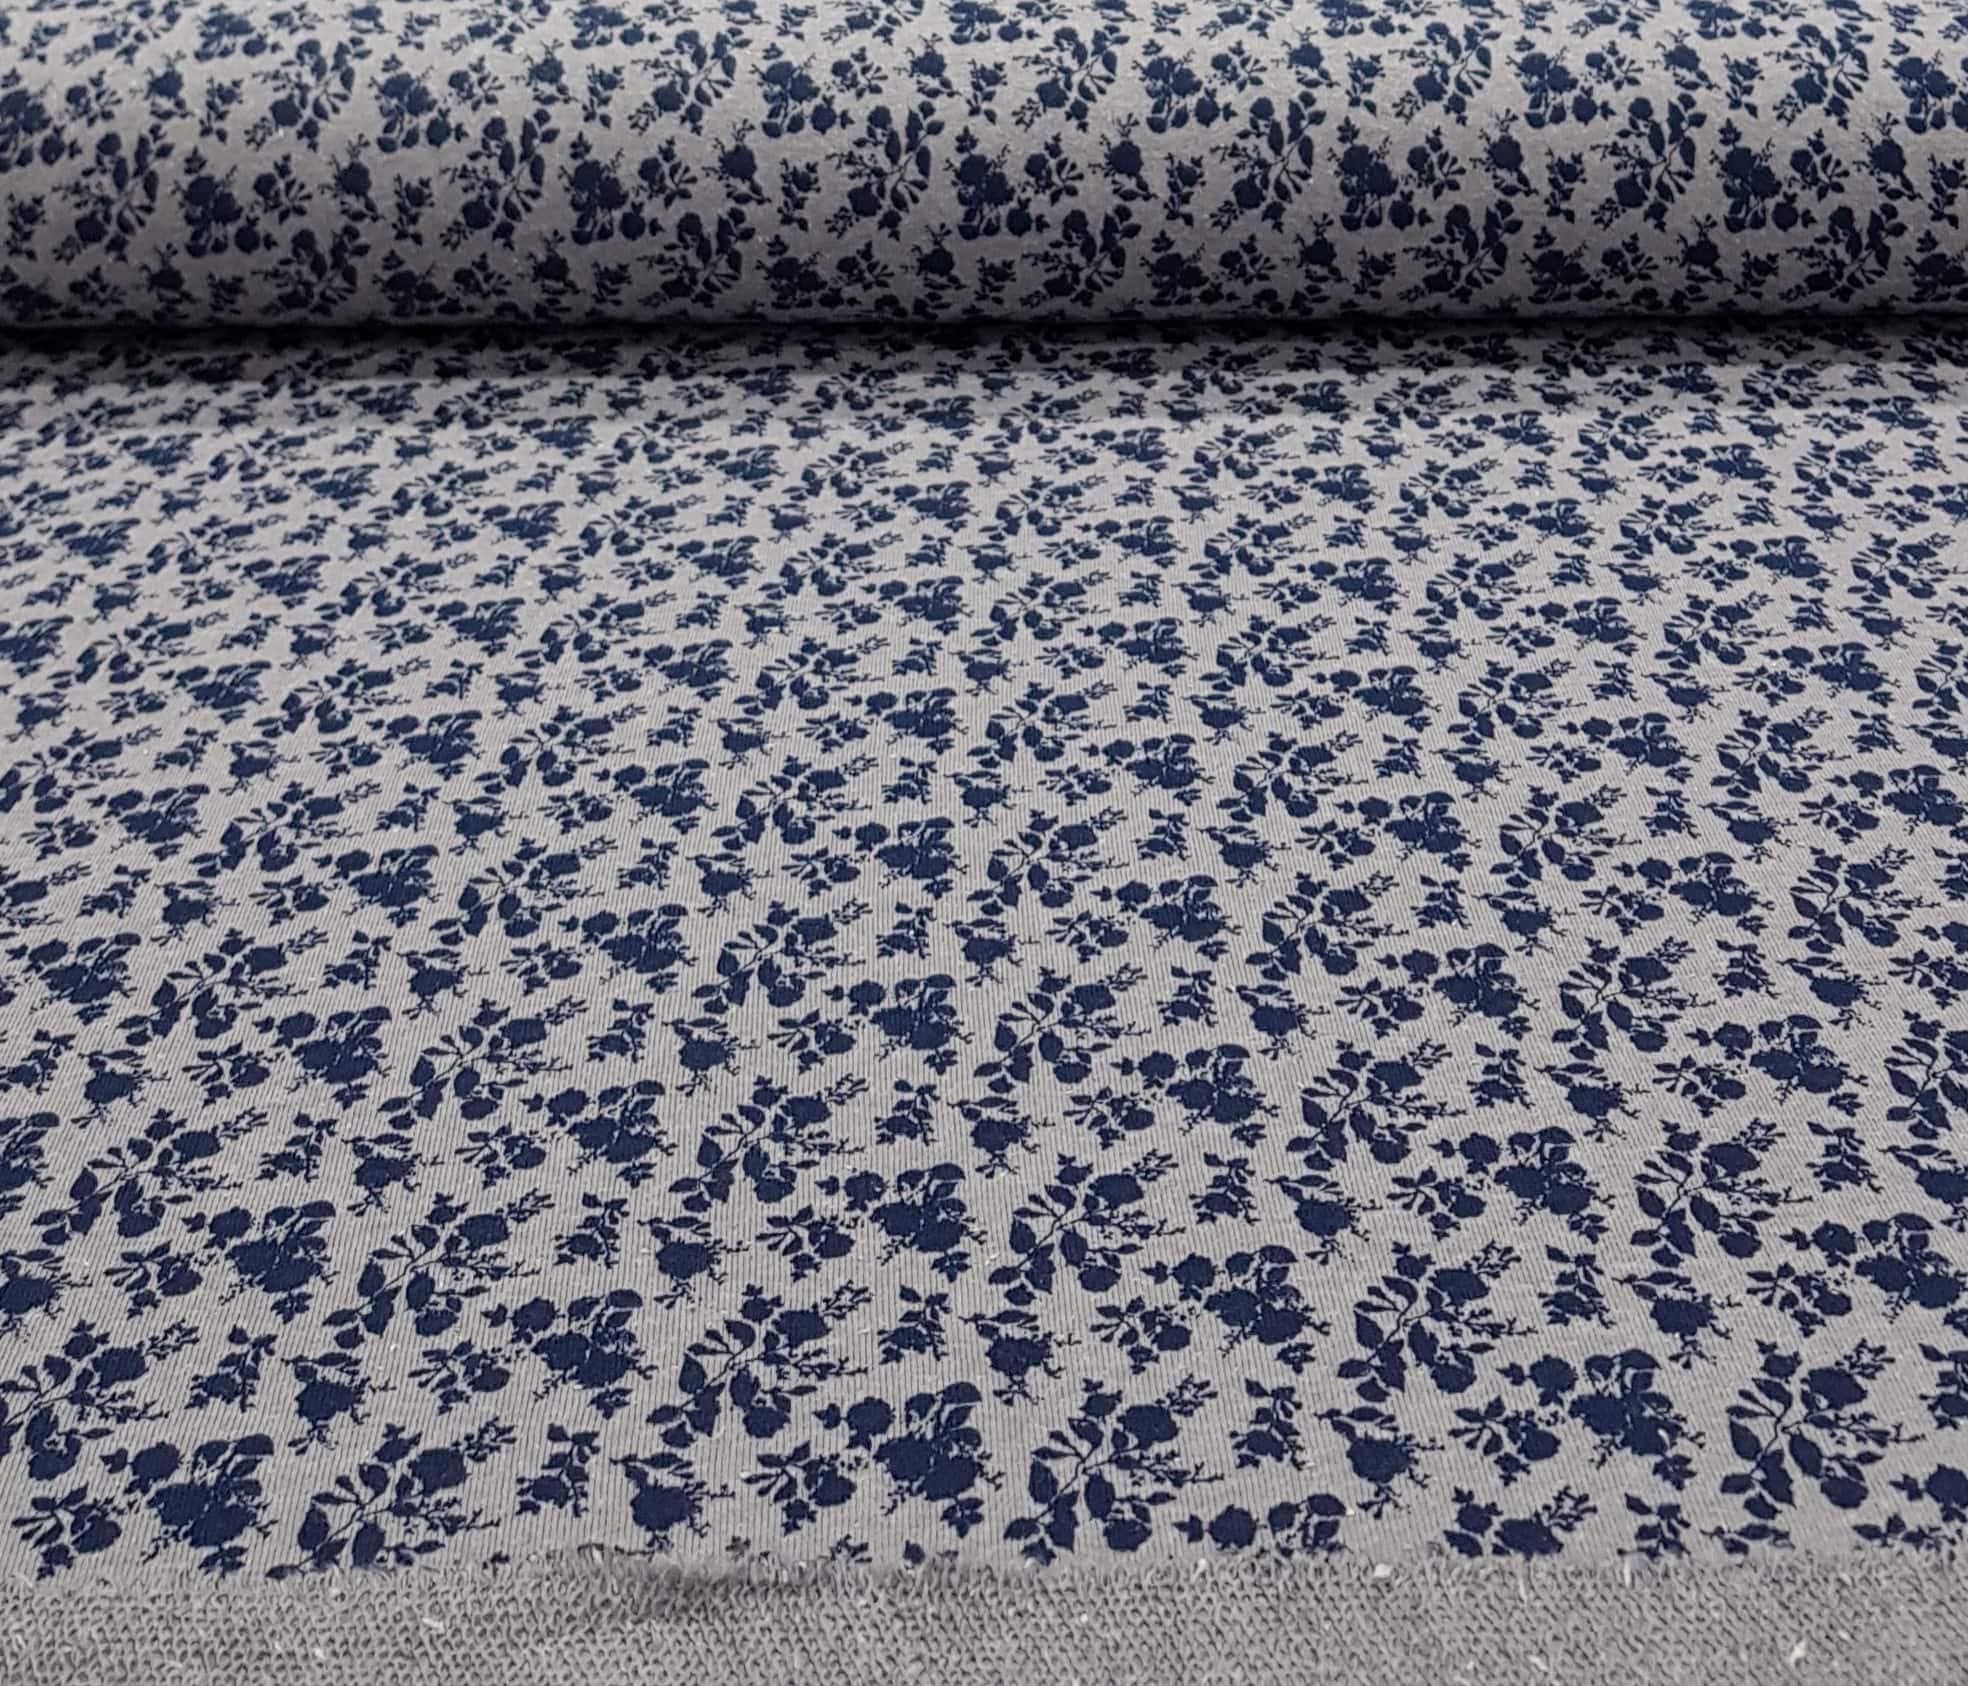 frenchterrybloemengrijsdonkerblauw1-min